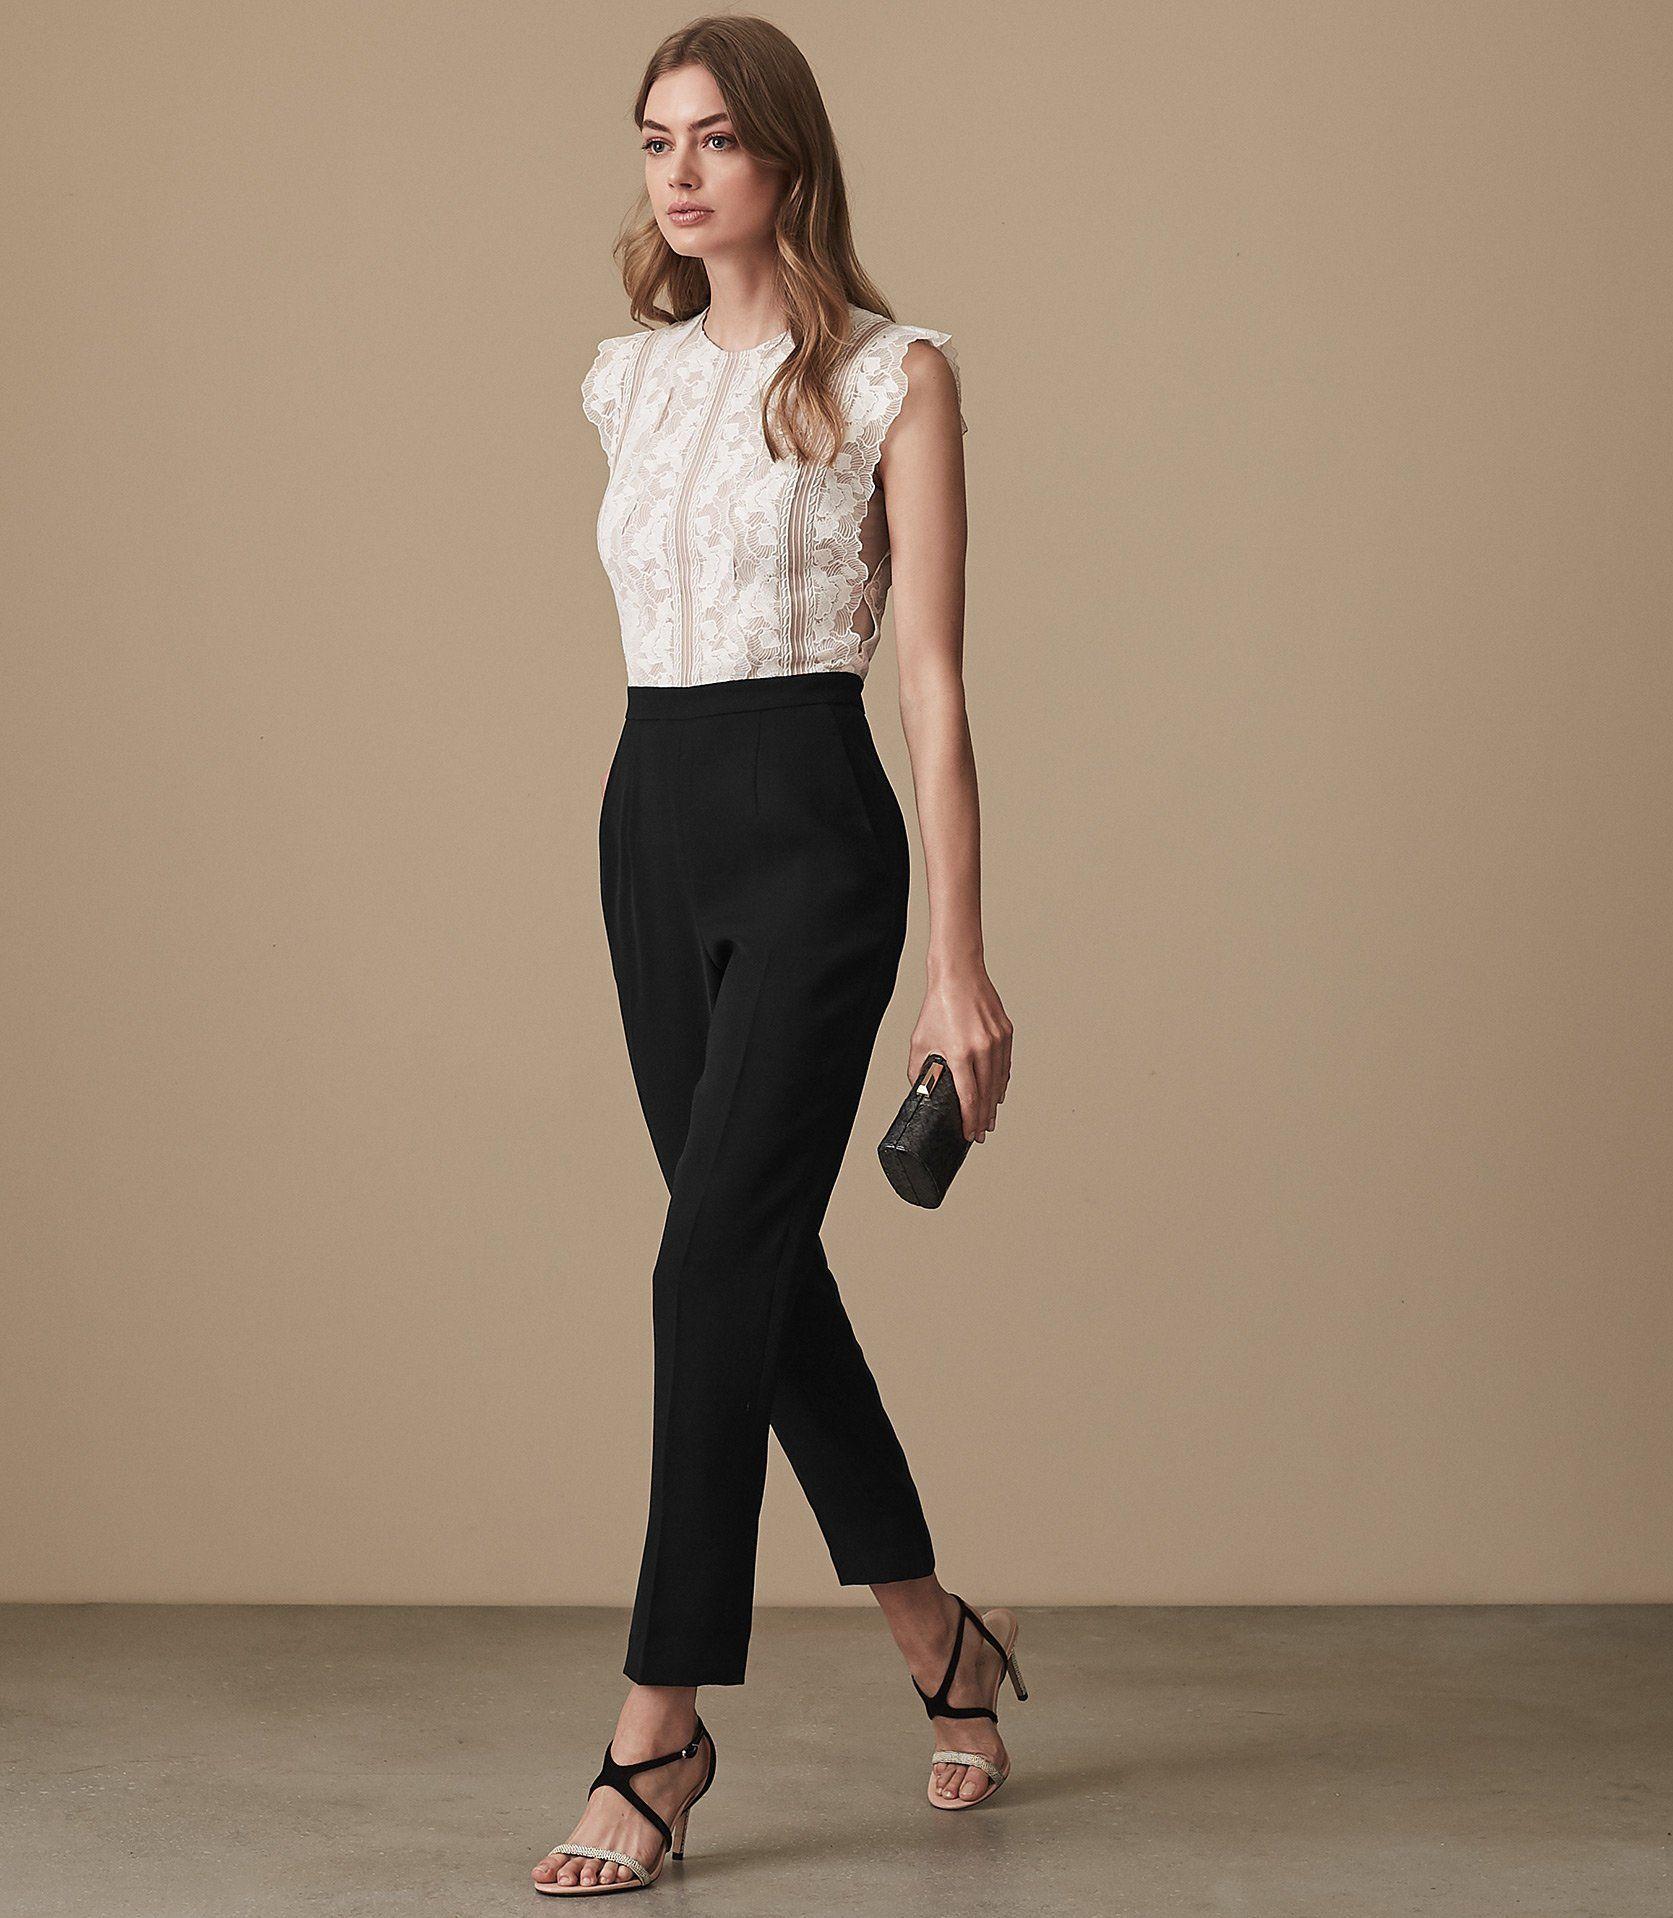 c0349c572e4 Suzy Lace Detail Jumpsuit - REISS